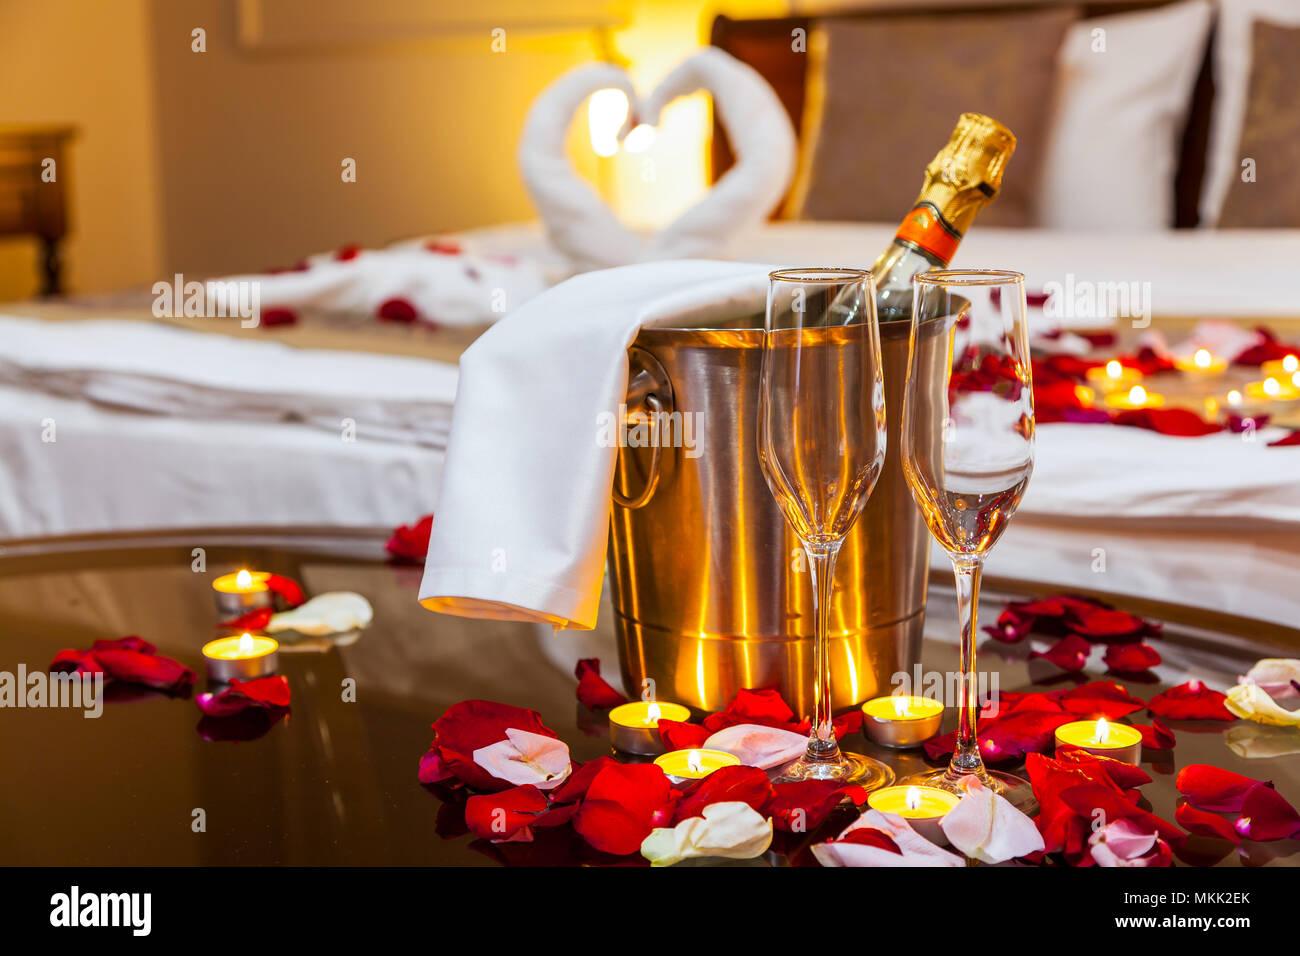 Hotel Zimmer Für Eine Hochzeitsreise: Eine Tabelle Mit Einem Obstteller Und  Kerzen, Im Hintergrund